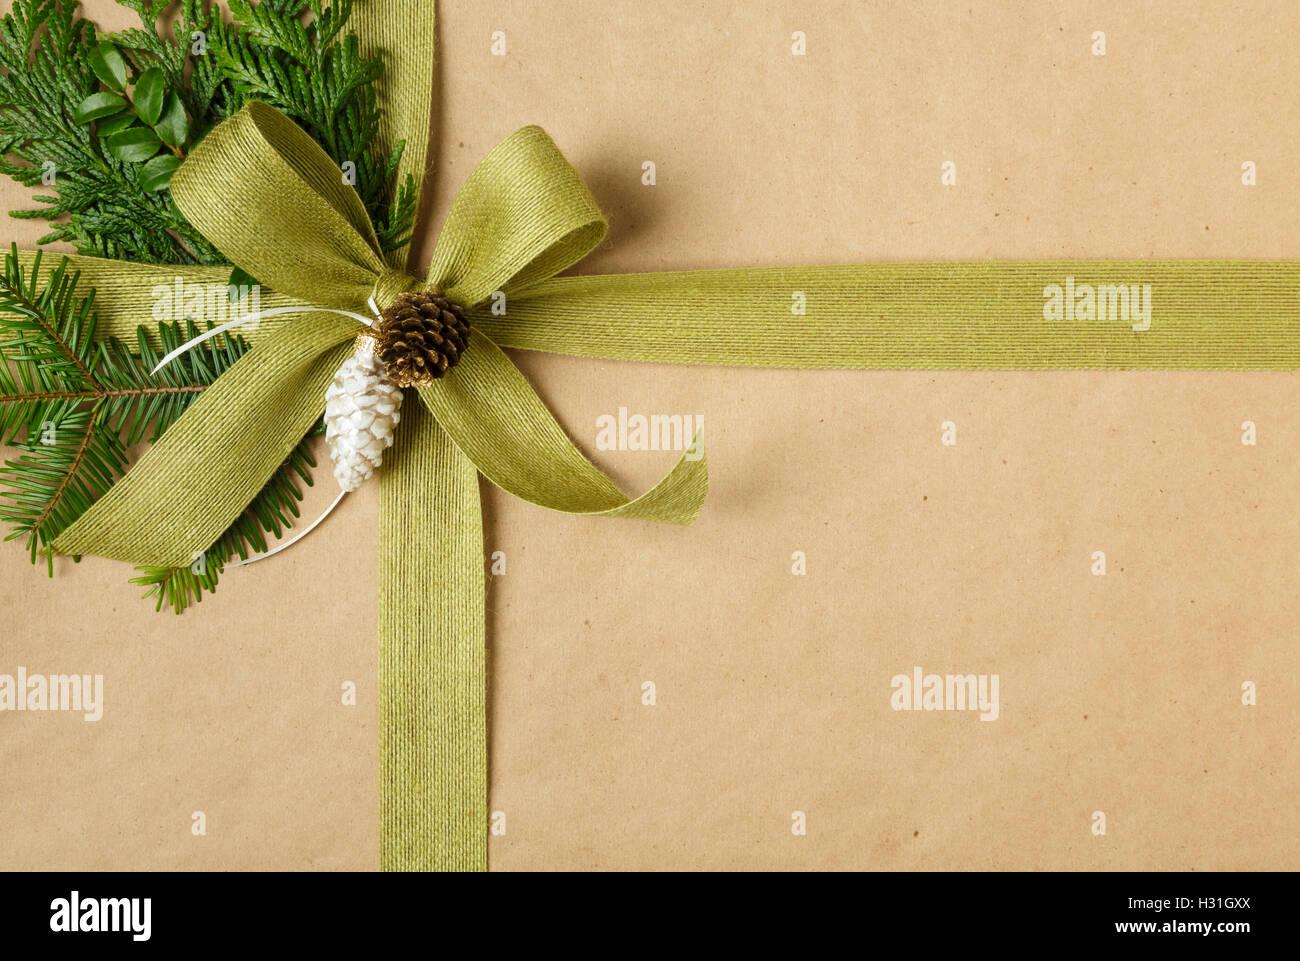 Cerca de proa y decoraciones naturales en su regalo de Navidad. Regalo de navidad envuelto en papel de embalaje Imagen De Stock